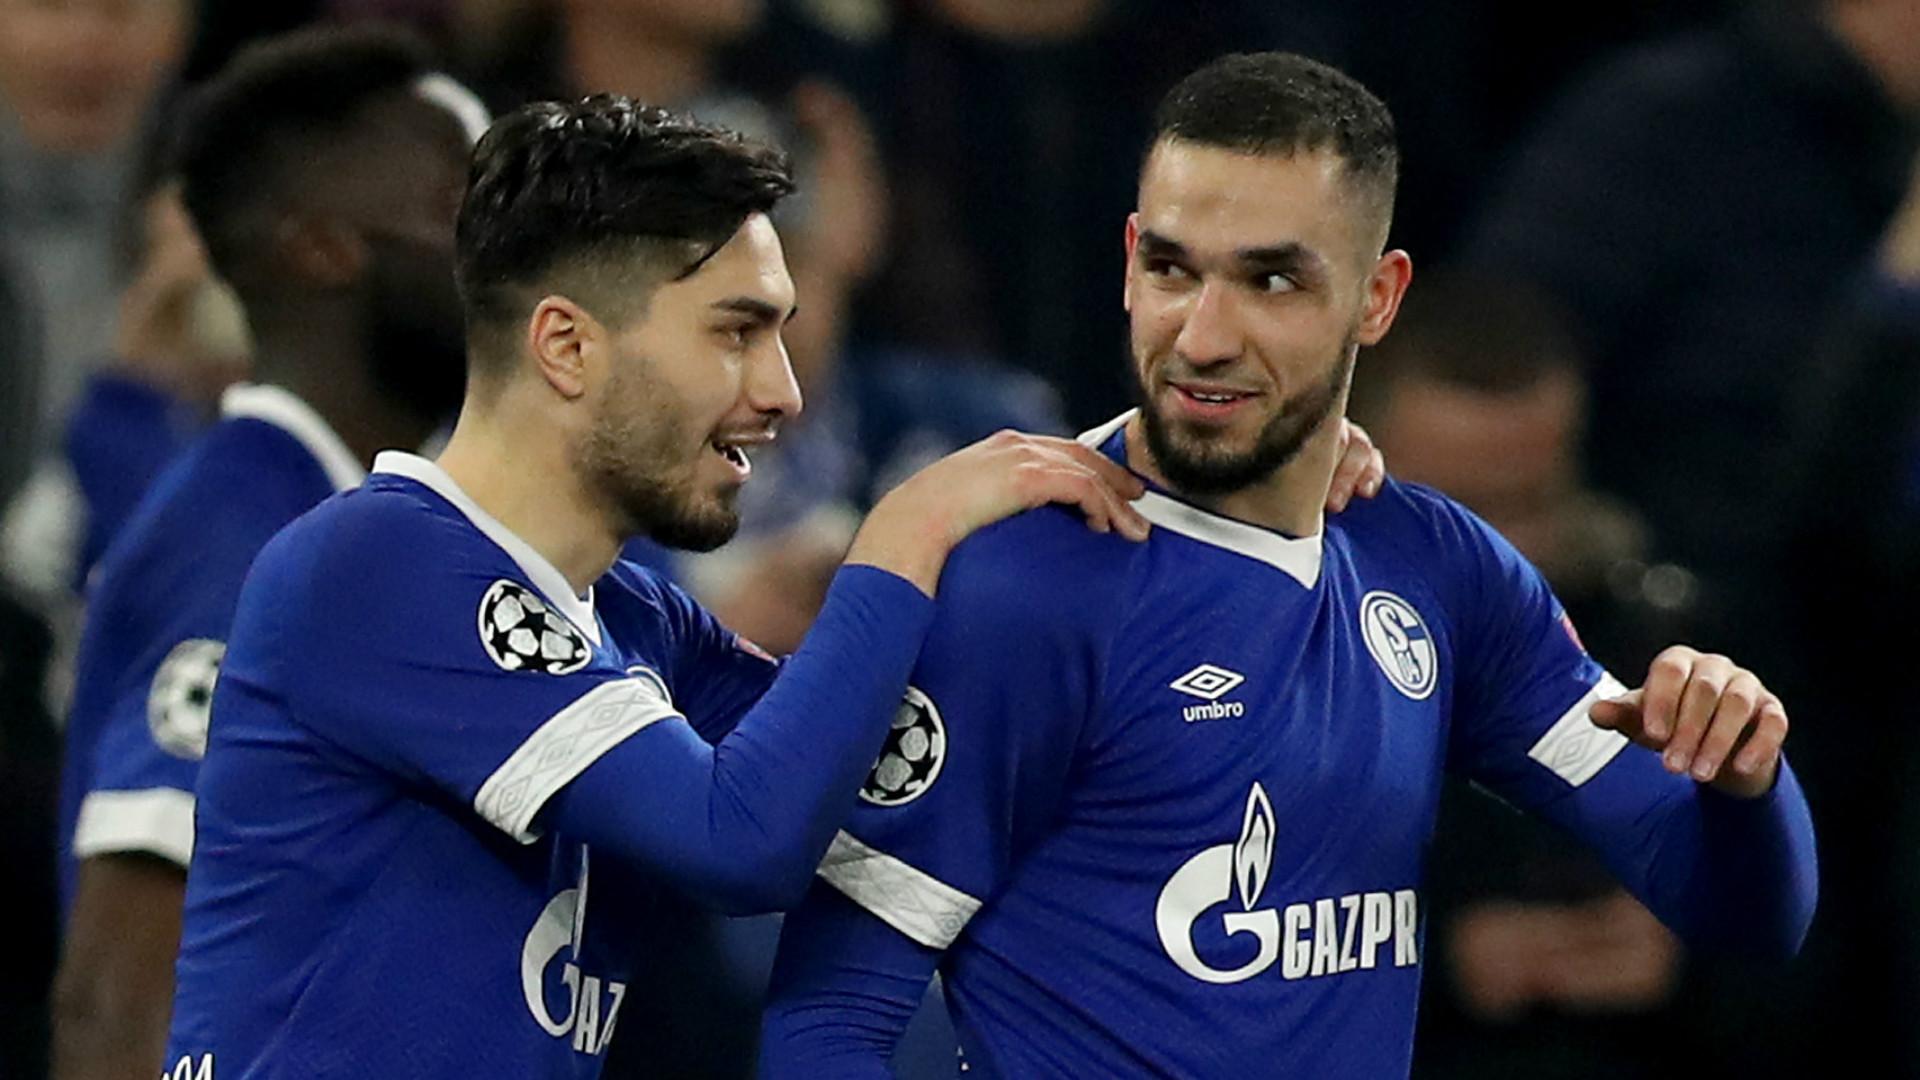 Bentaleb: Newcastle United snap up Schalke 04 midfielder on loan